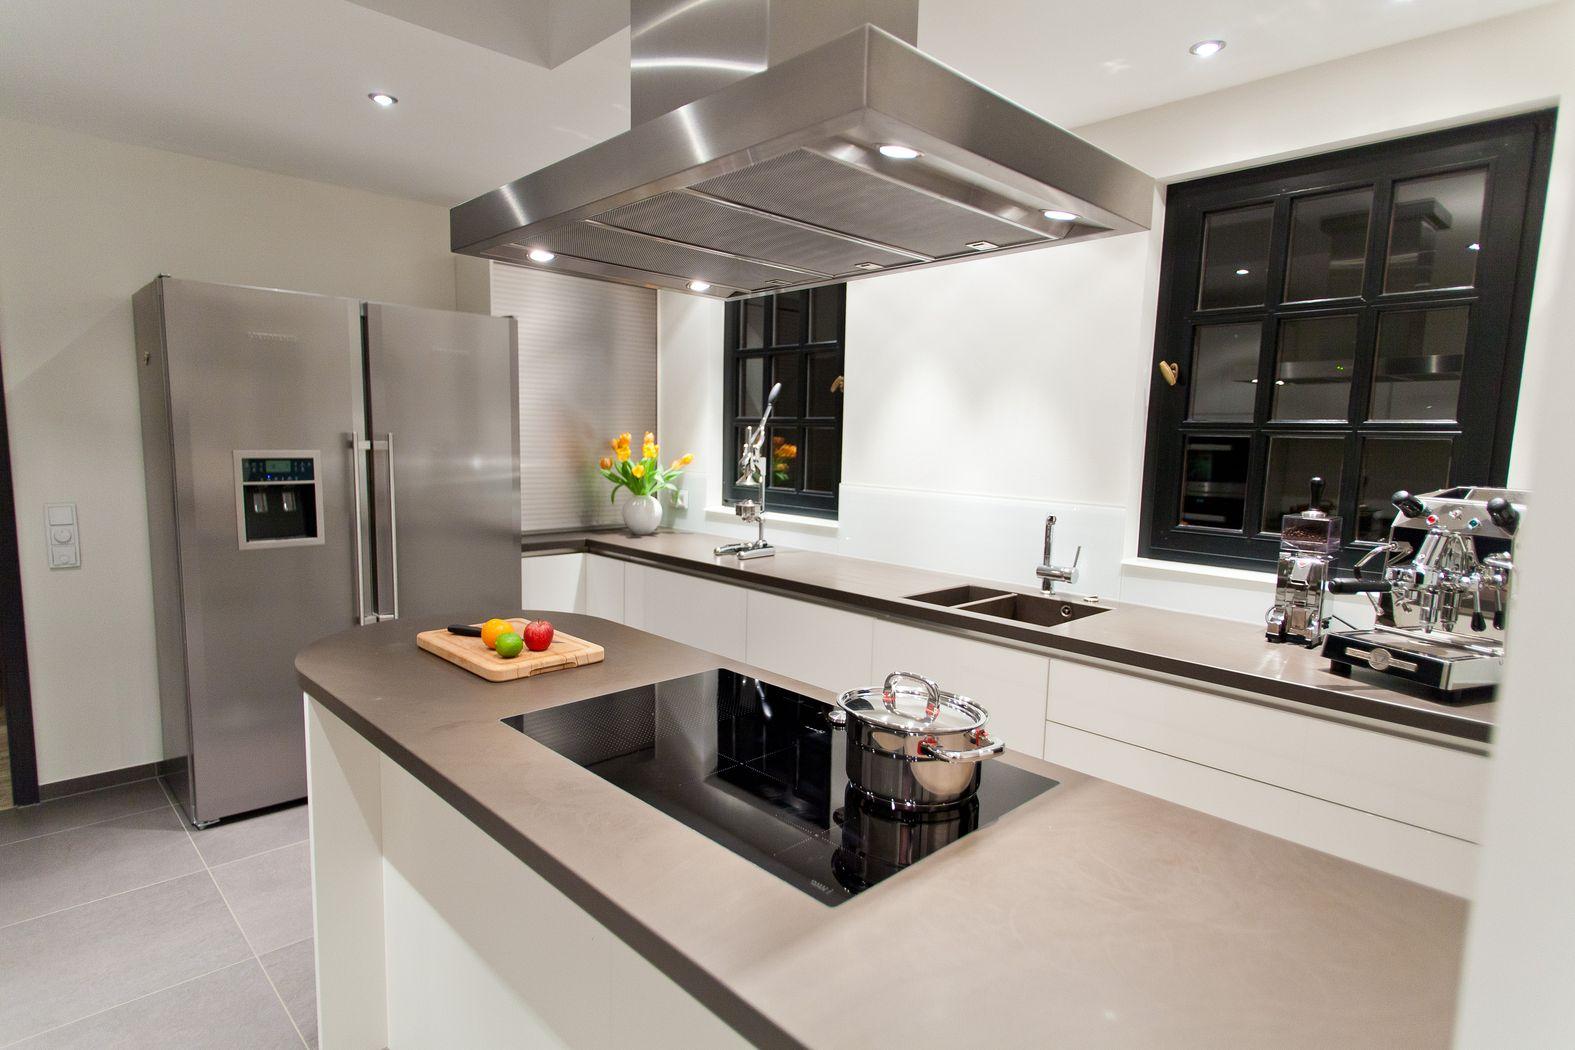 Luxus Küche | Jtleigh.com - Hausgestaltung Ideen | {Küche modern luxus 10}